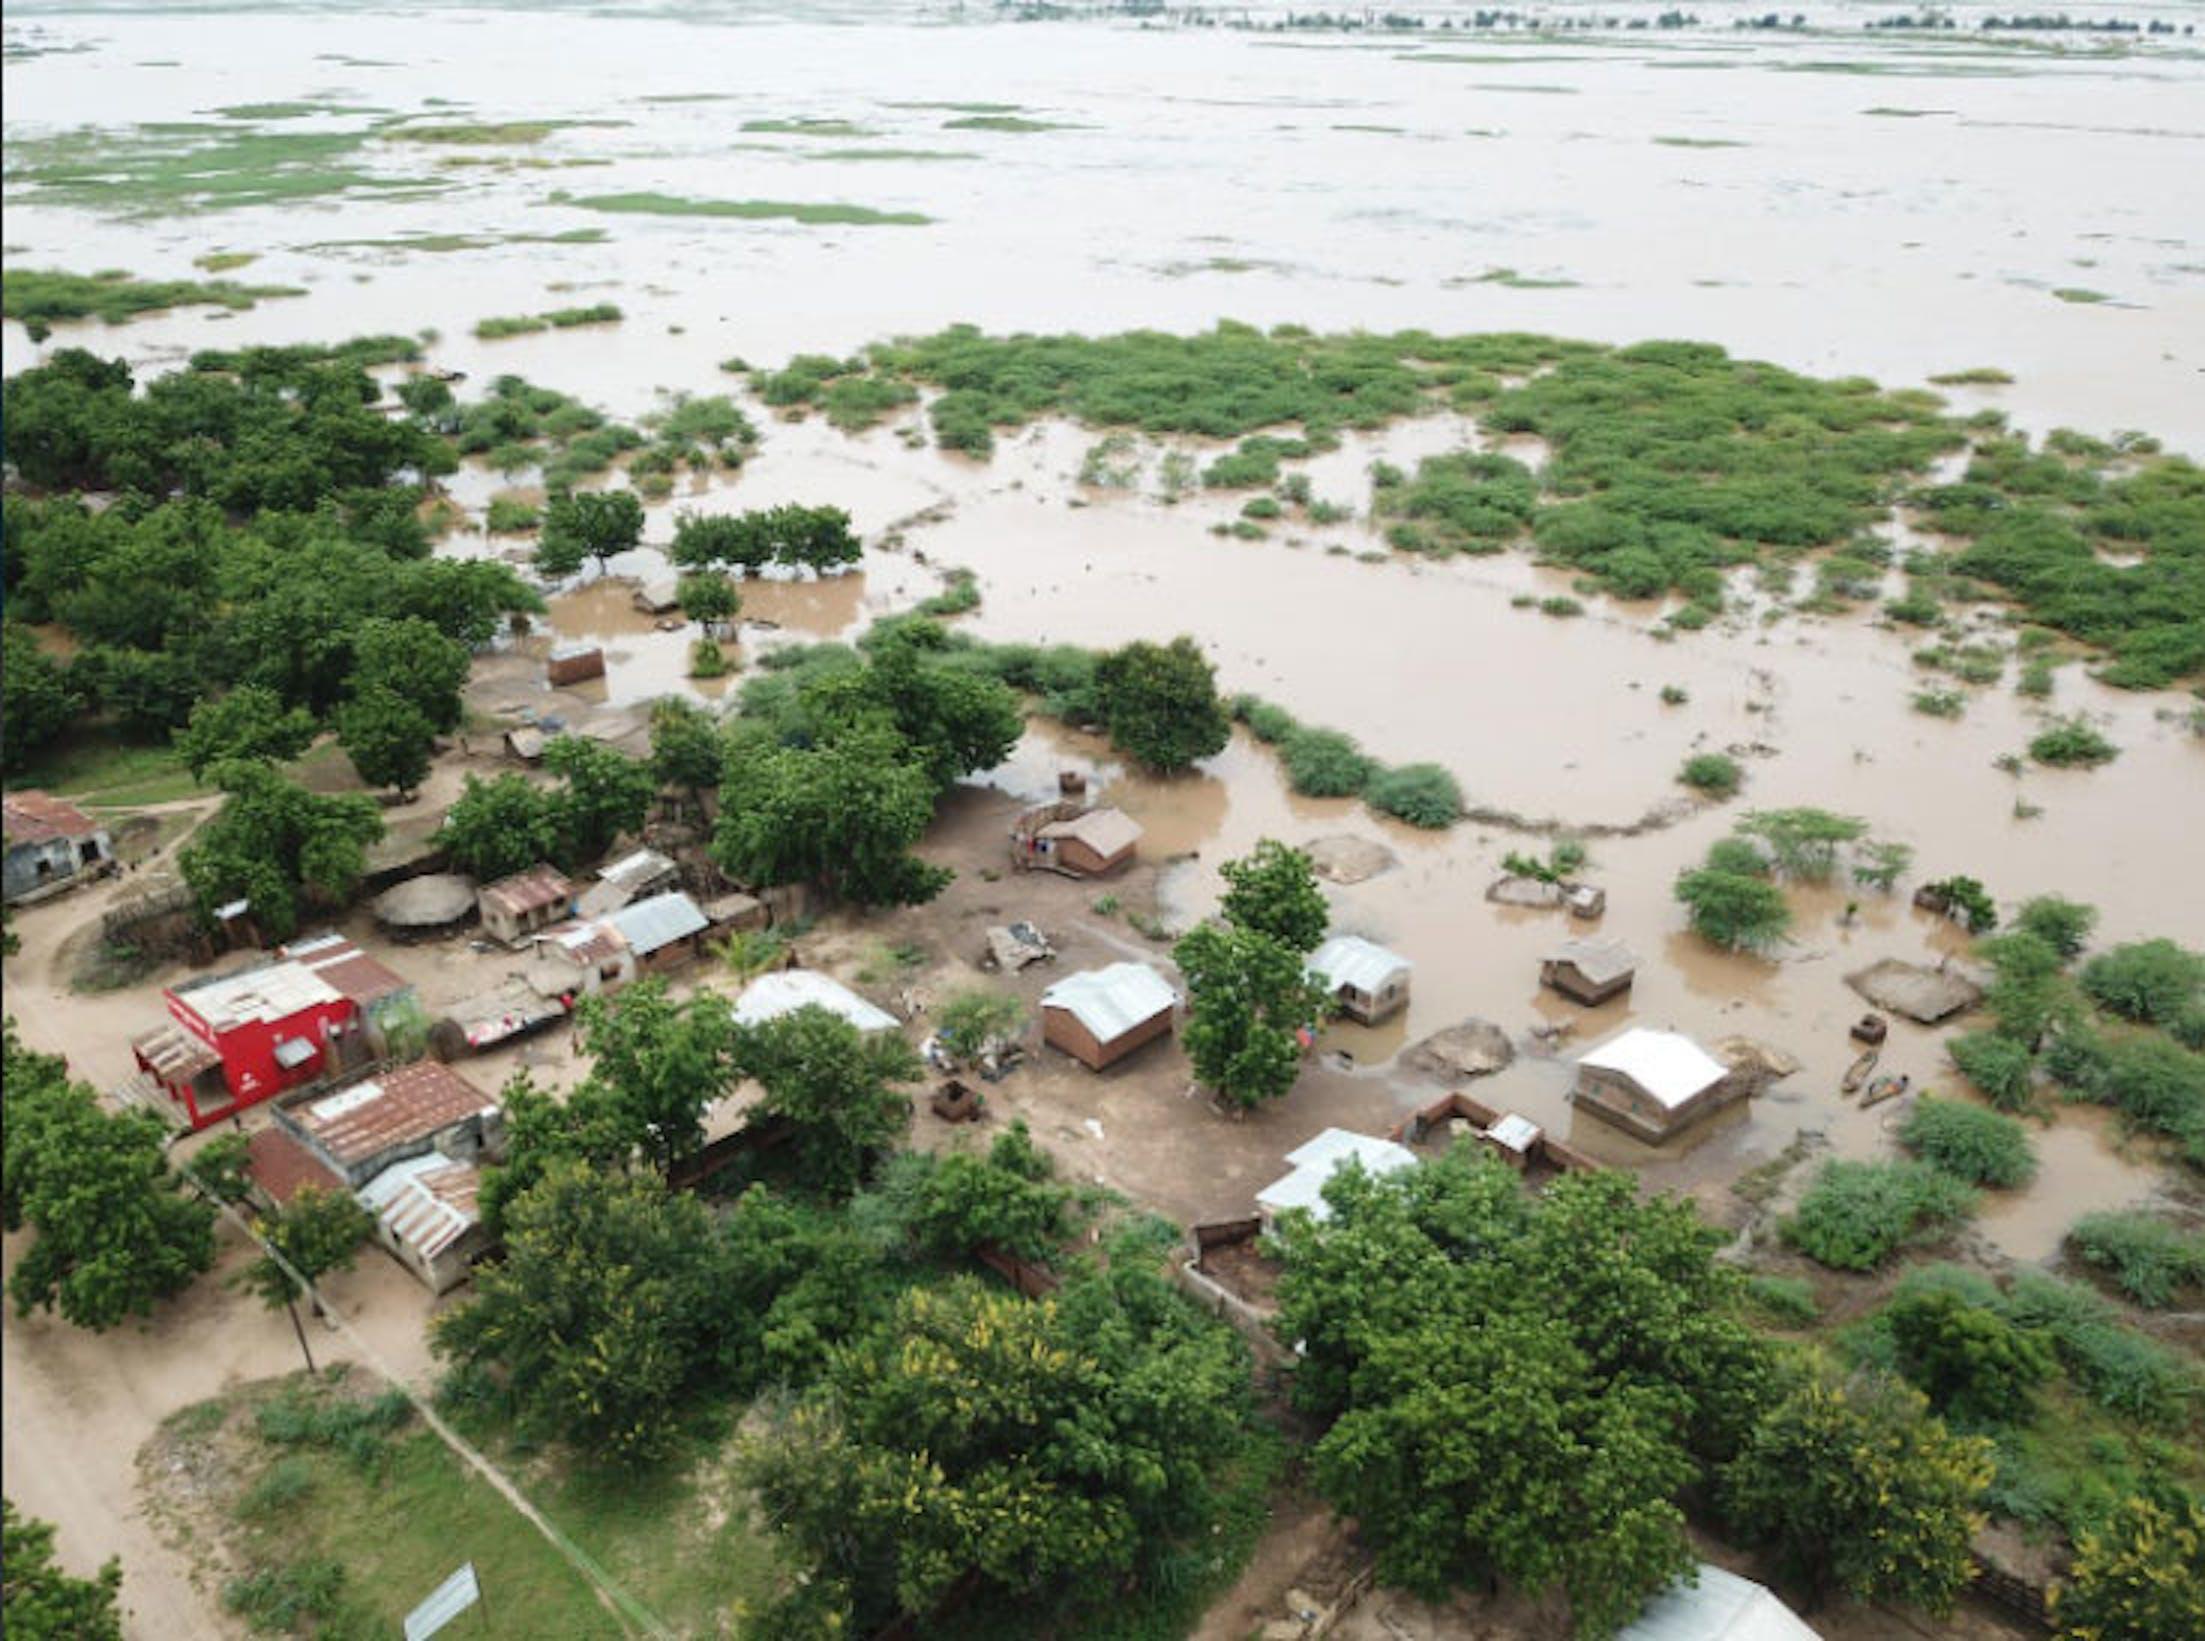 Un'immagine aerea di una zona del Malawi colpita dal ciclone tropicale Idai - ©UNICEF Malawi